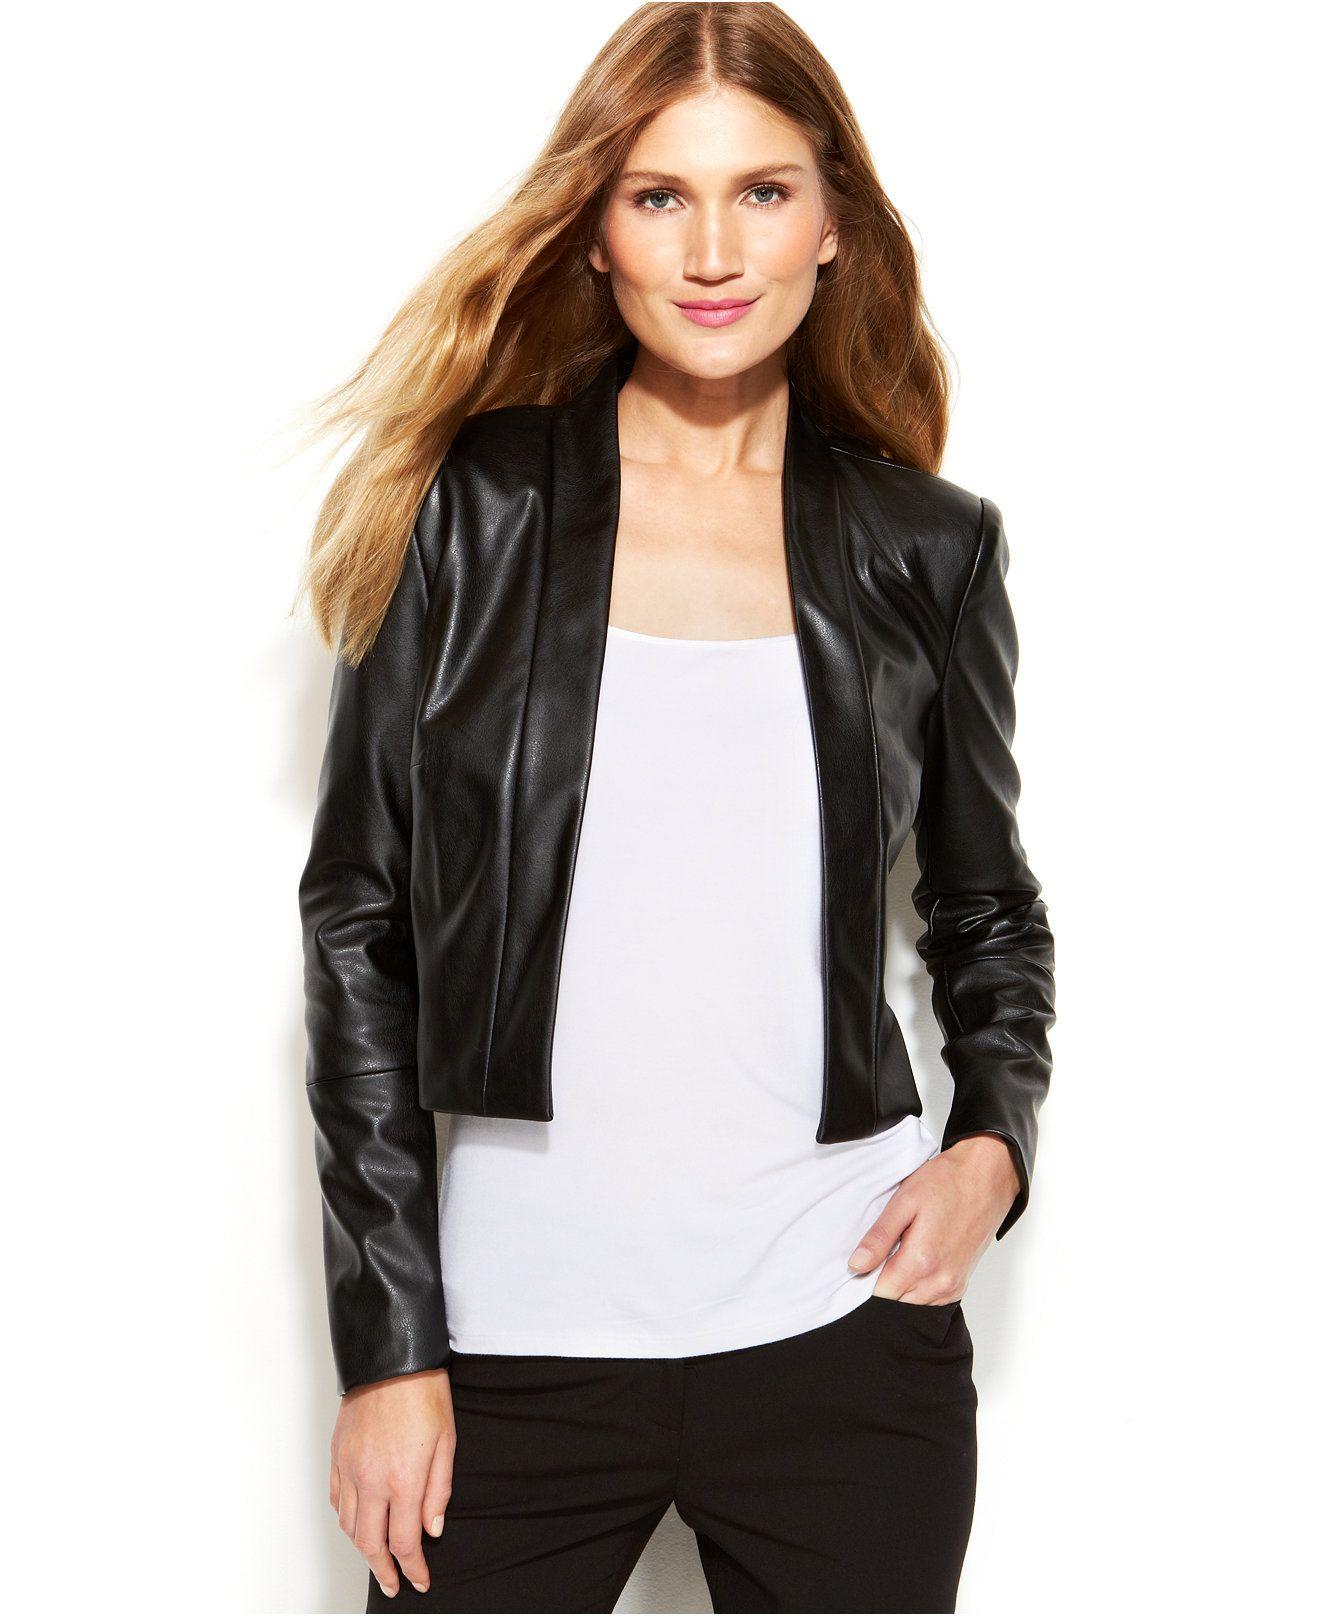 Calvin Klein Faux Leather Open Front Cropped Jacket Jackets Blazers Women Macy S Blazer Jackets For Women Crop Jacket Jackets [ 1616 x 1320 Pixel ]